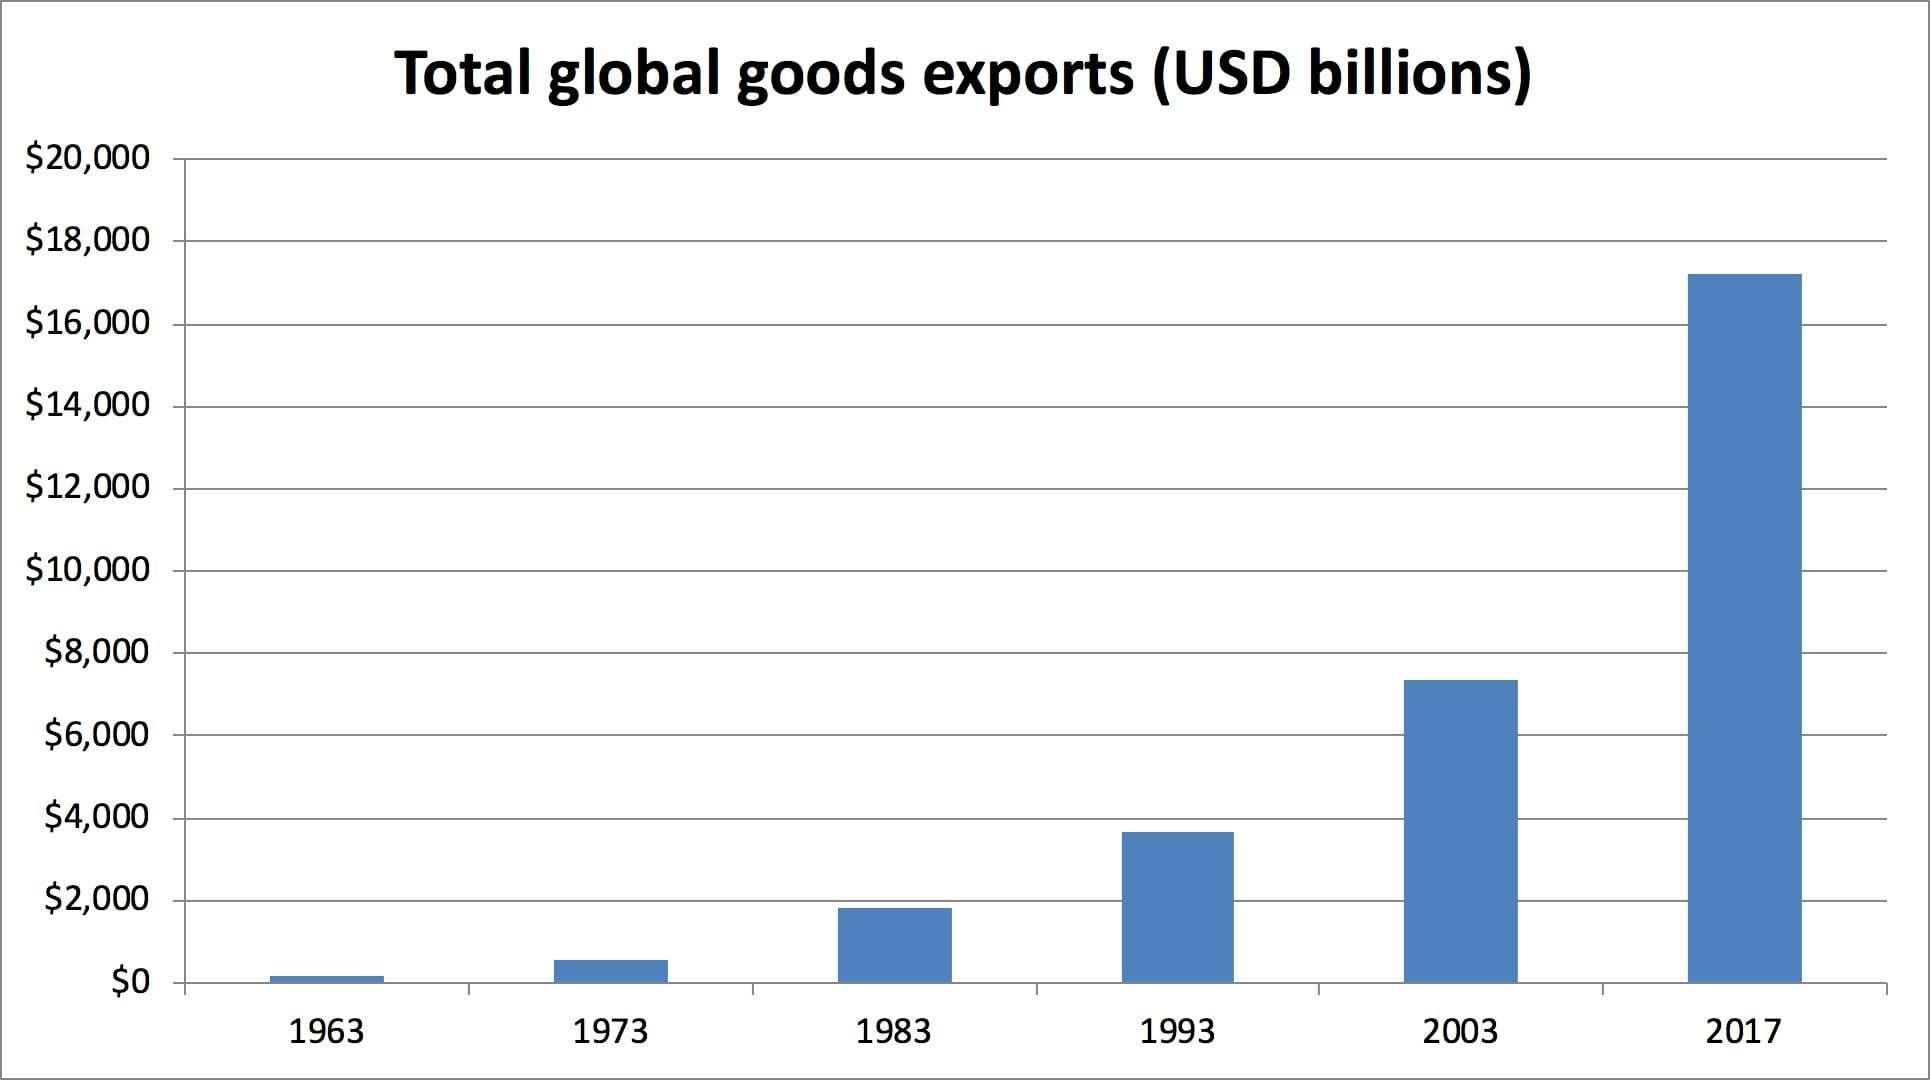 Figure 1: Column chart depicting total globalgoods exports between 1963 - 2017.